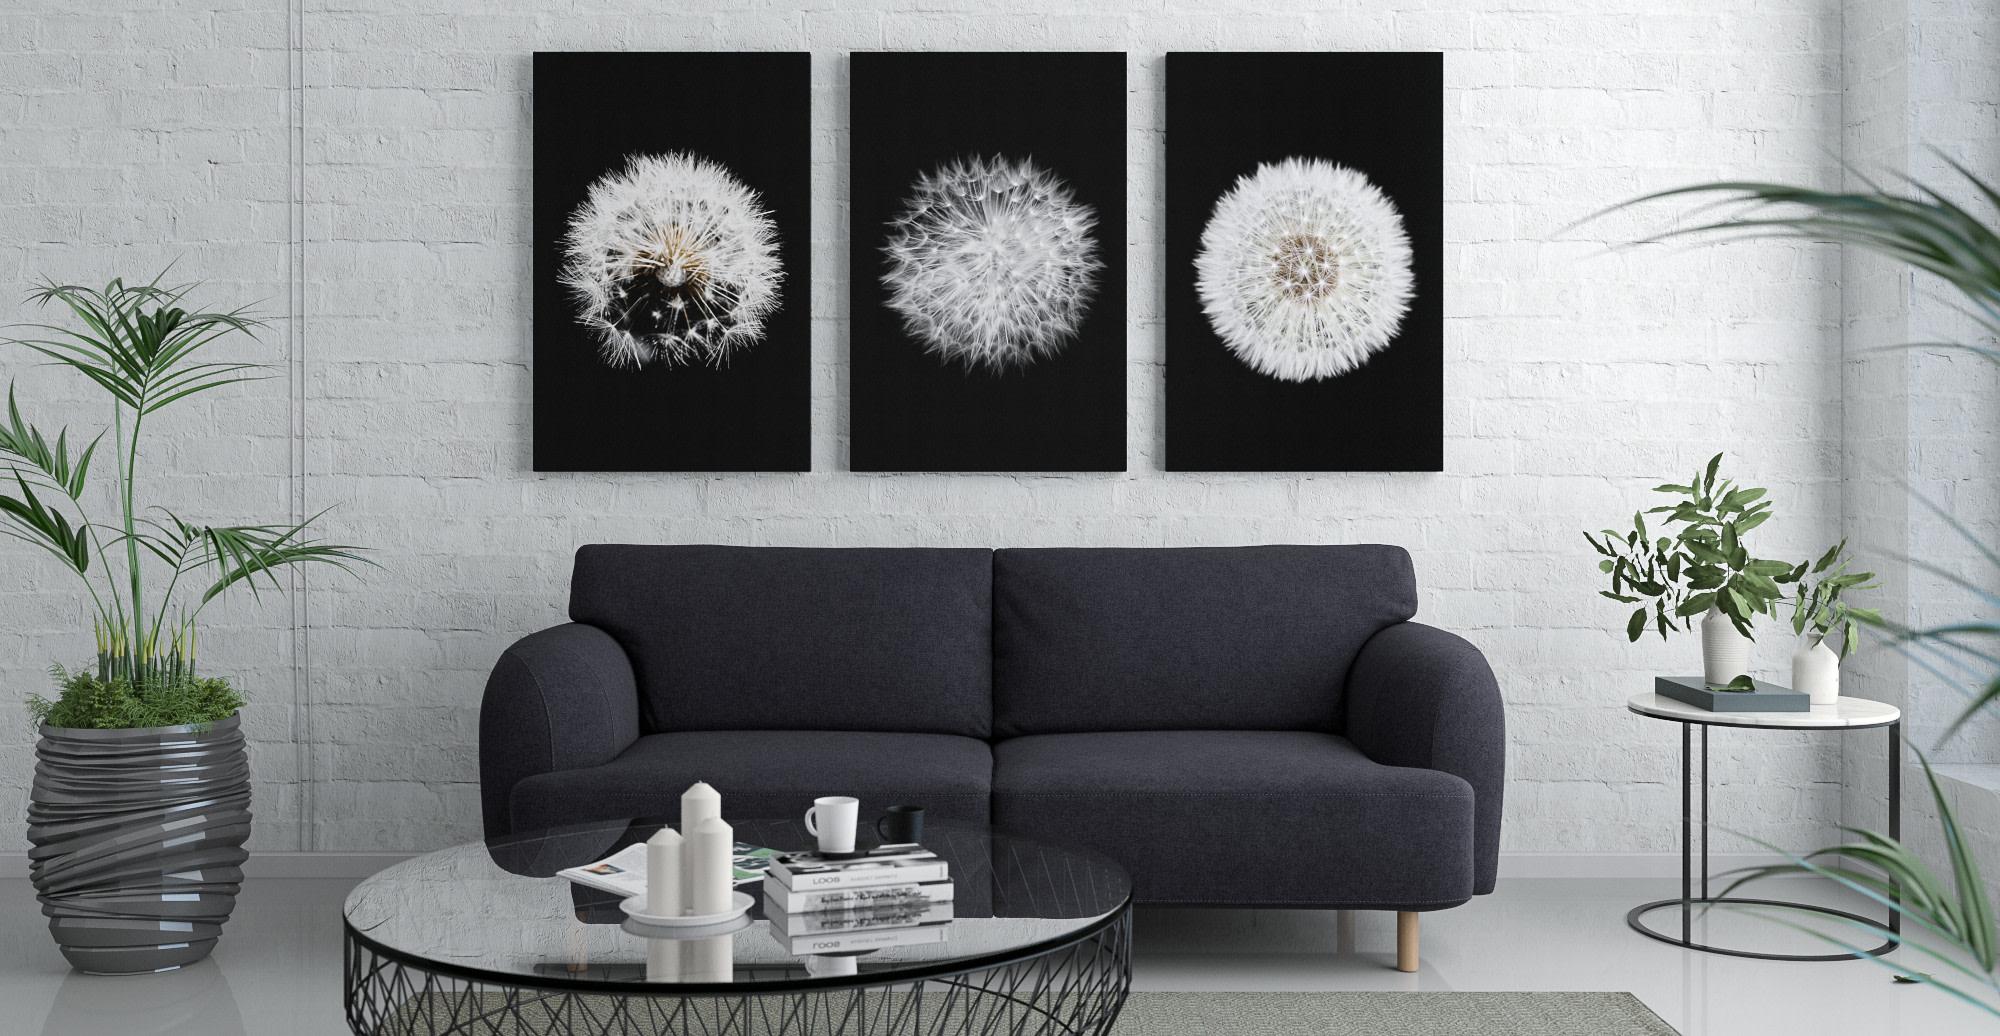 Comment choisir la bonne grandeur de toile pour mon mur? | Décor Mon Mur